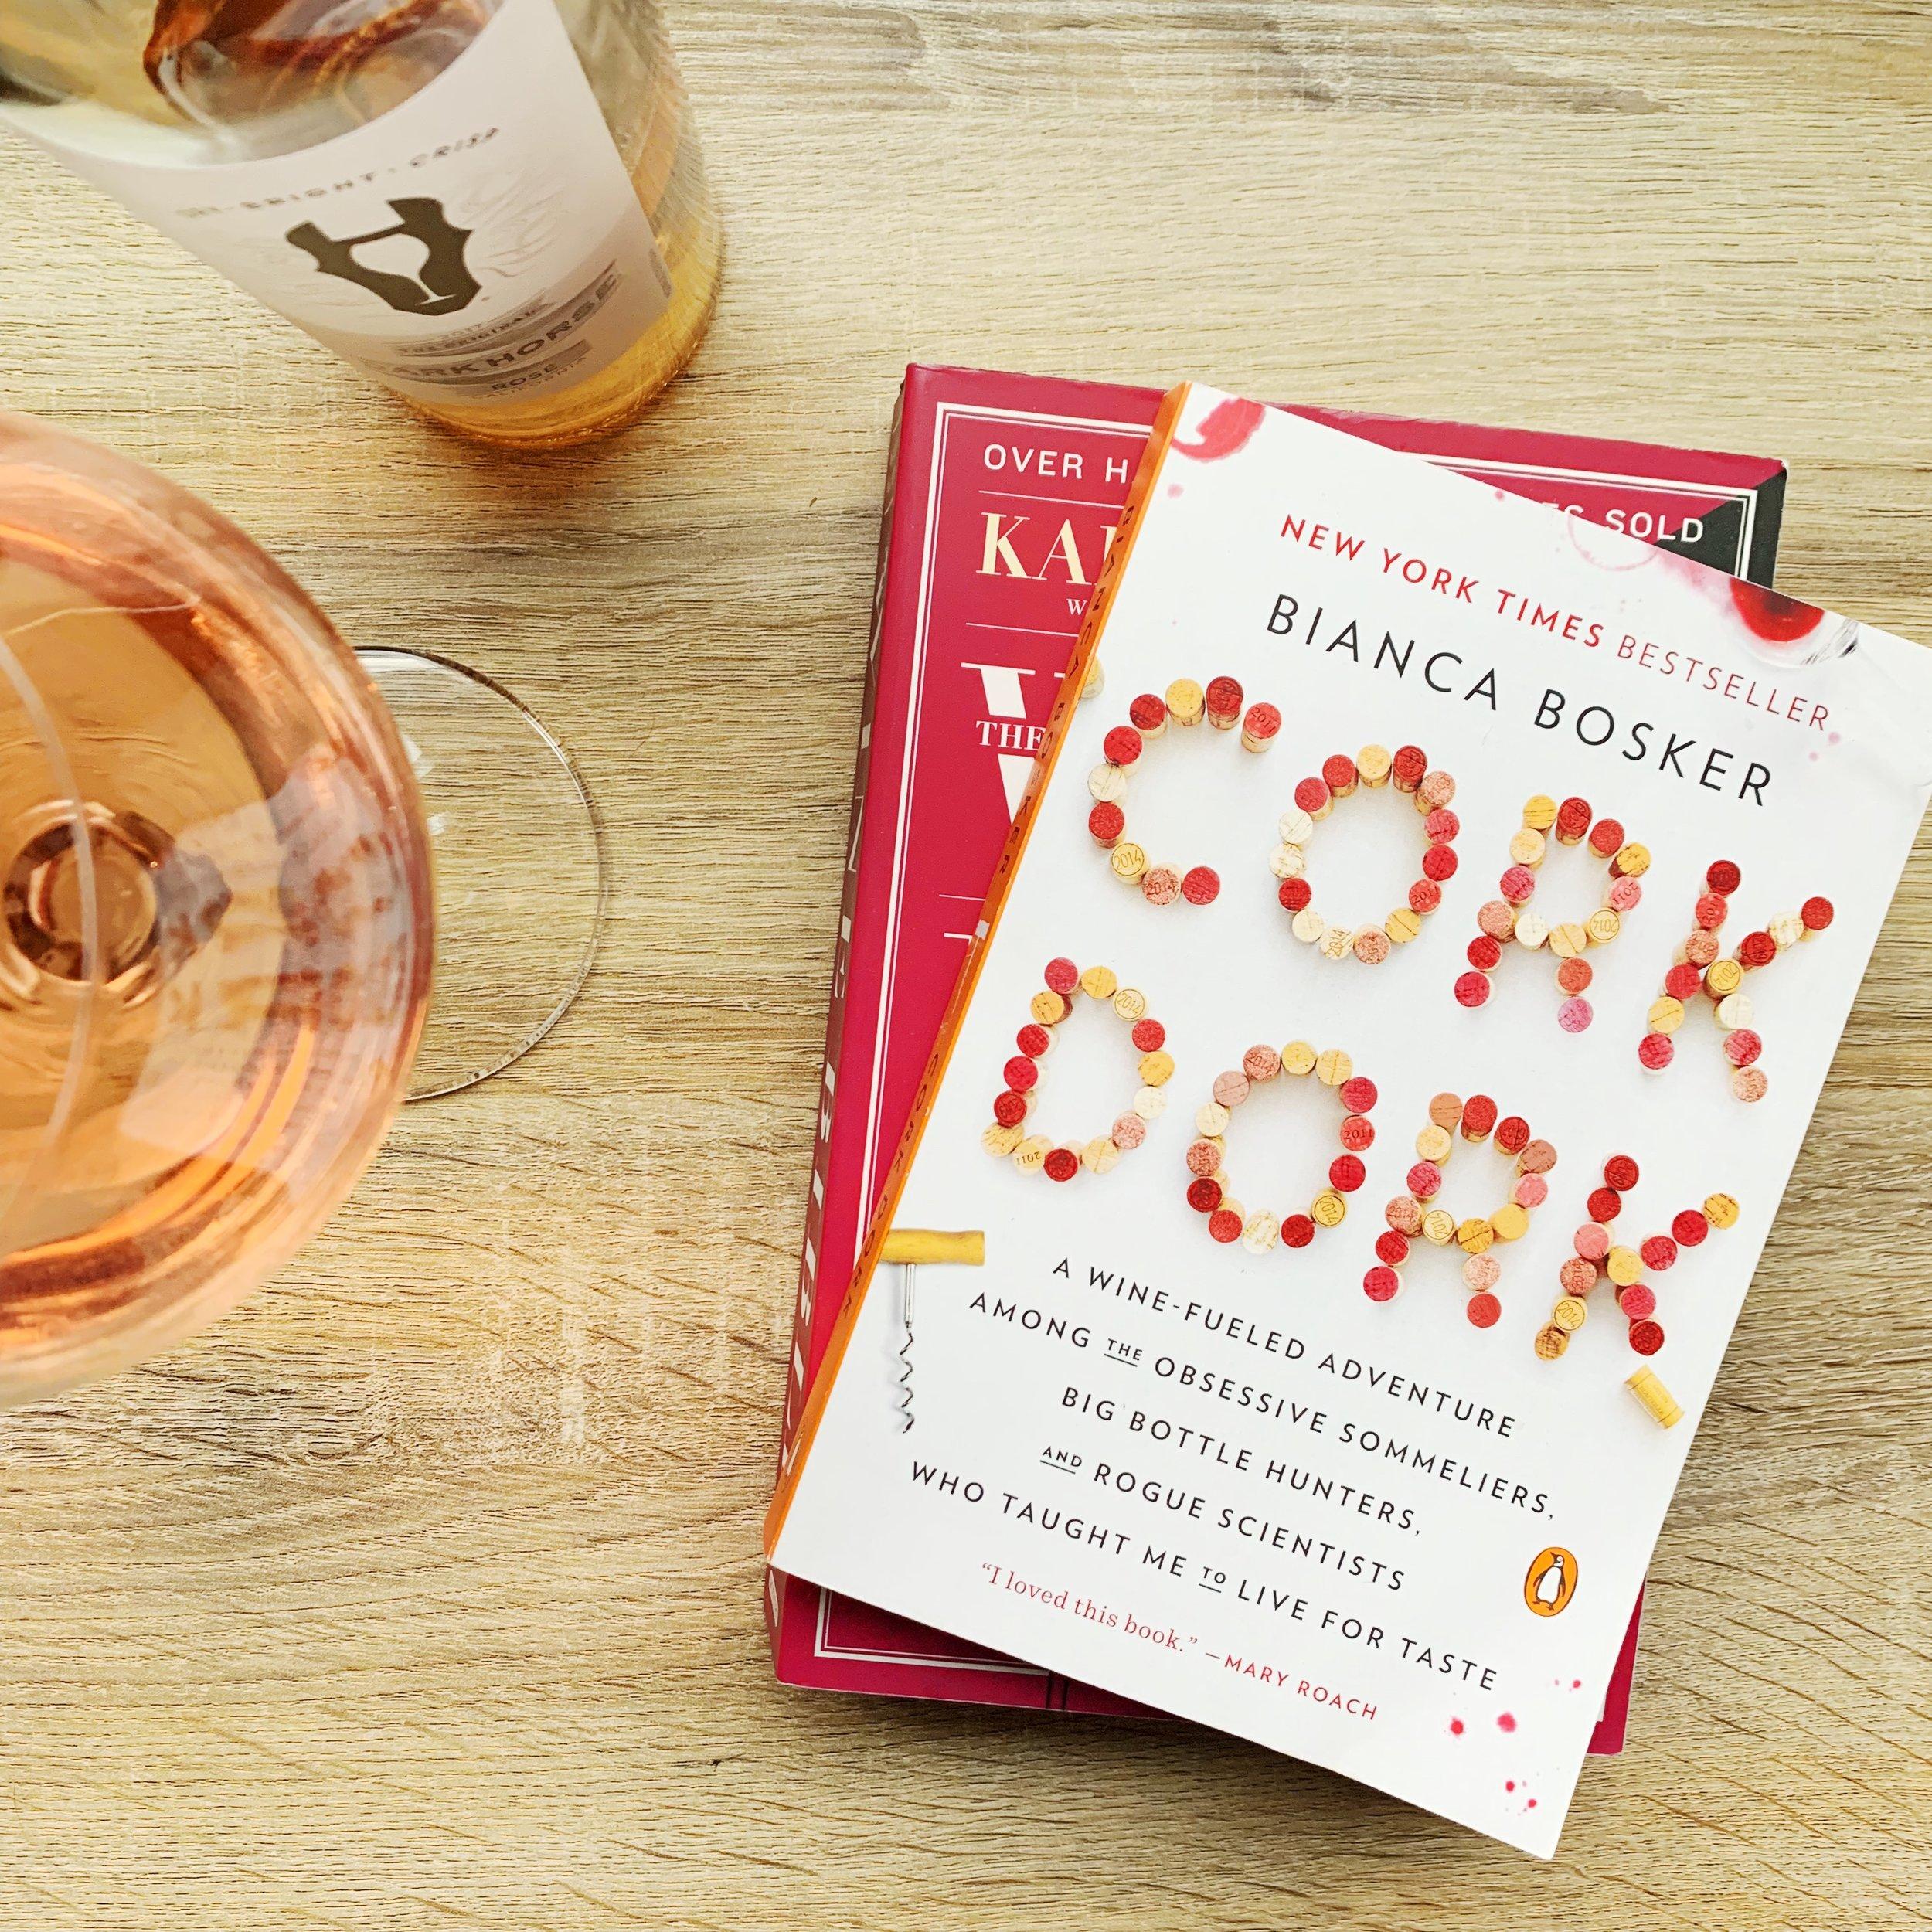 corkdork_book.JPG